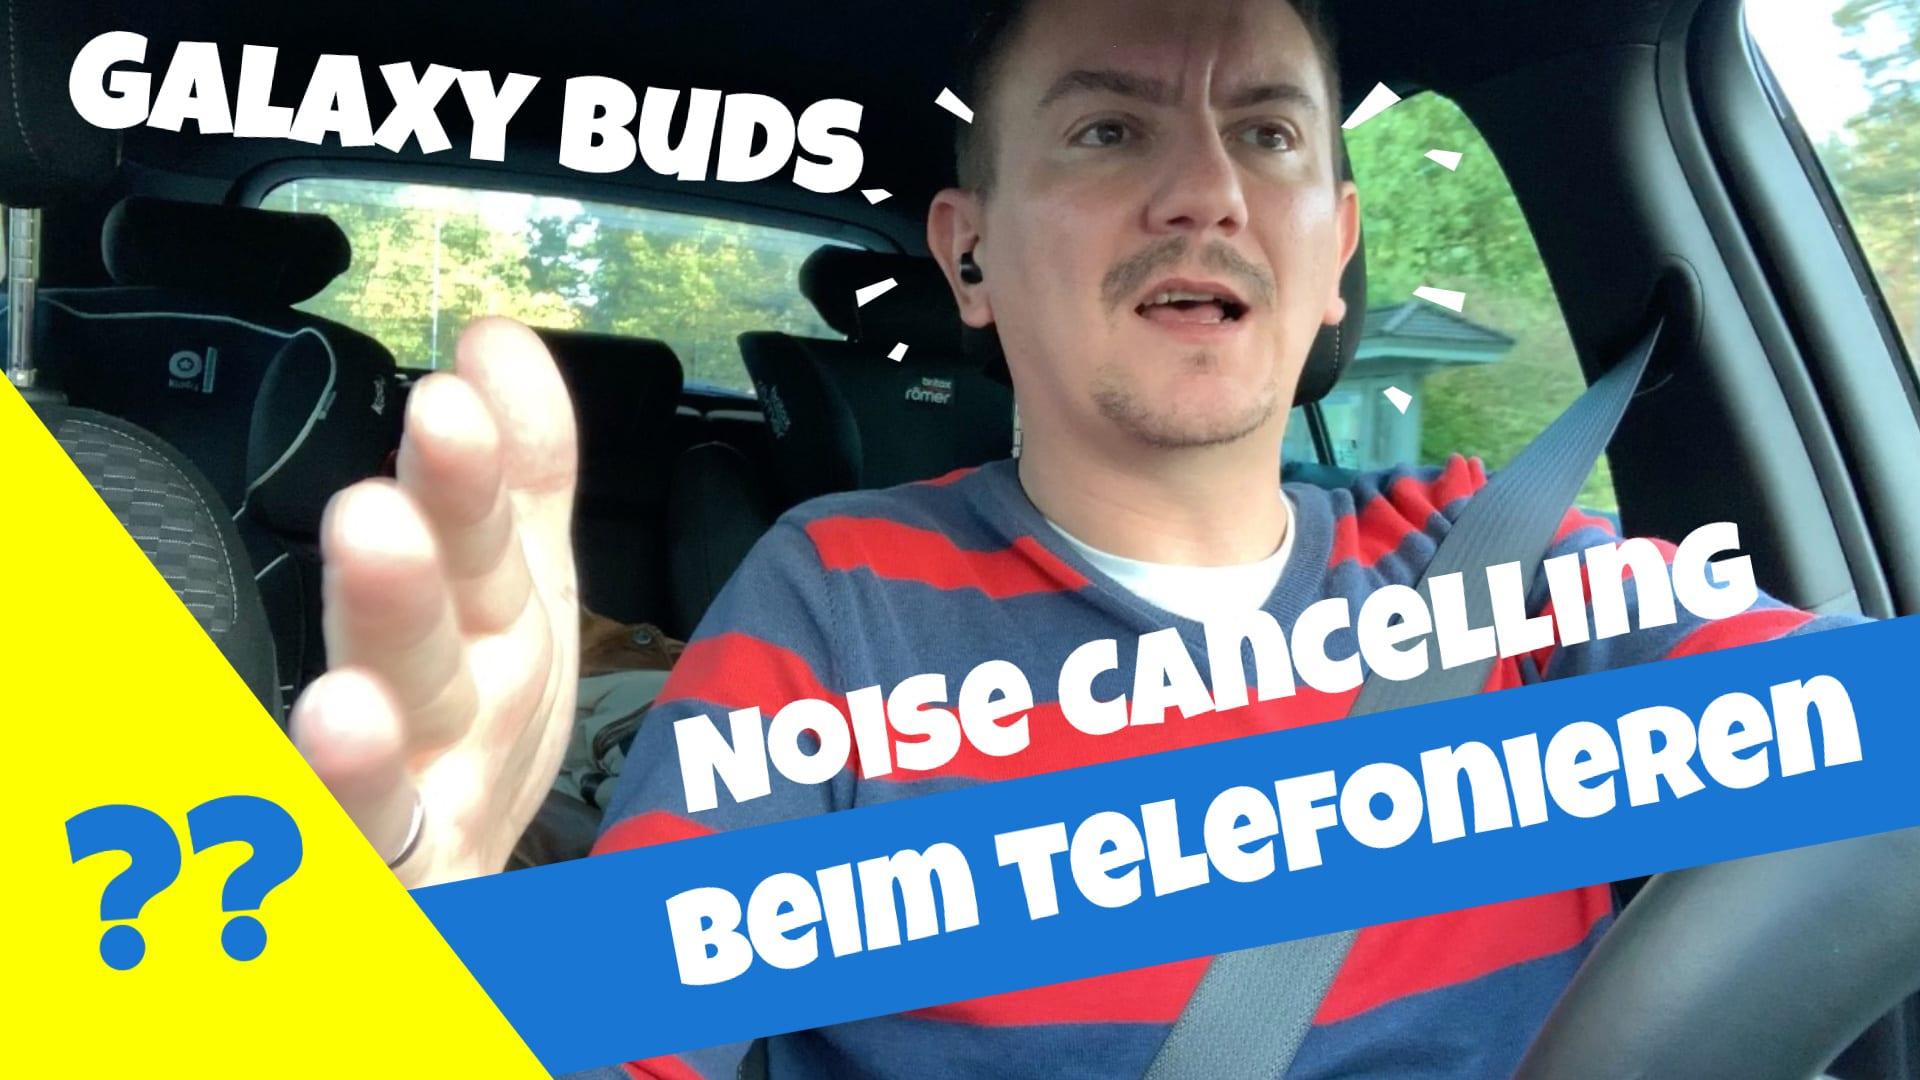 Galaxy Buds Noise Cancelling beim telefonieren